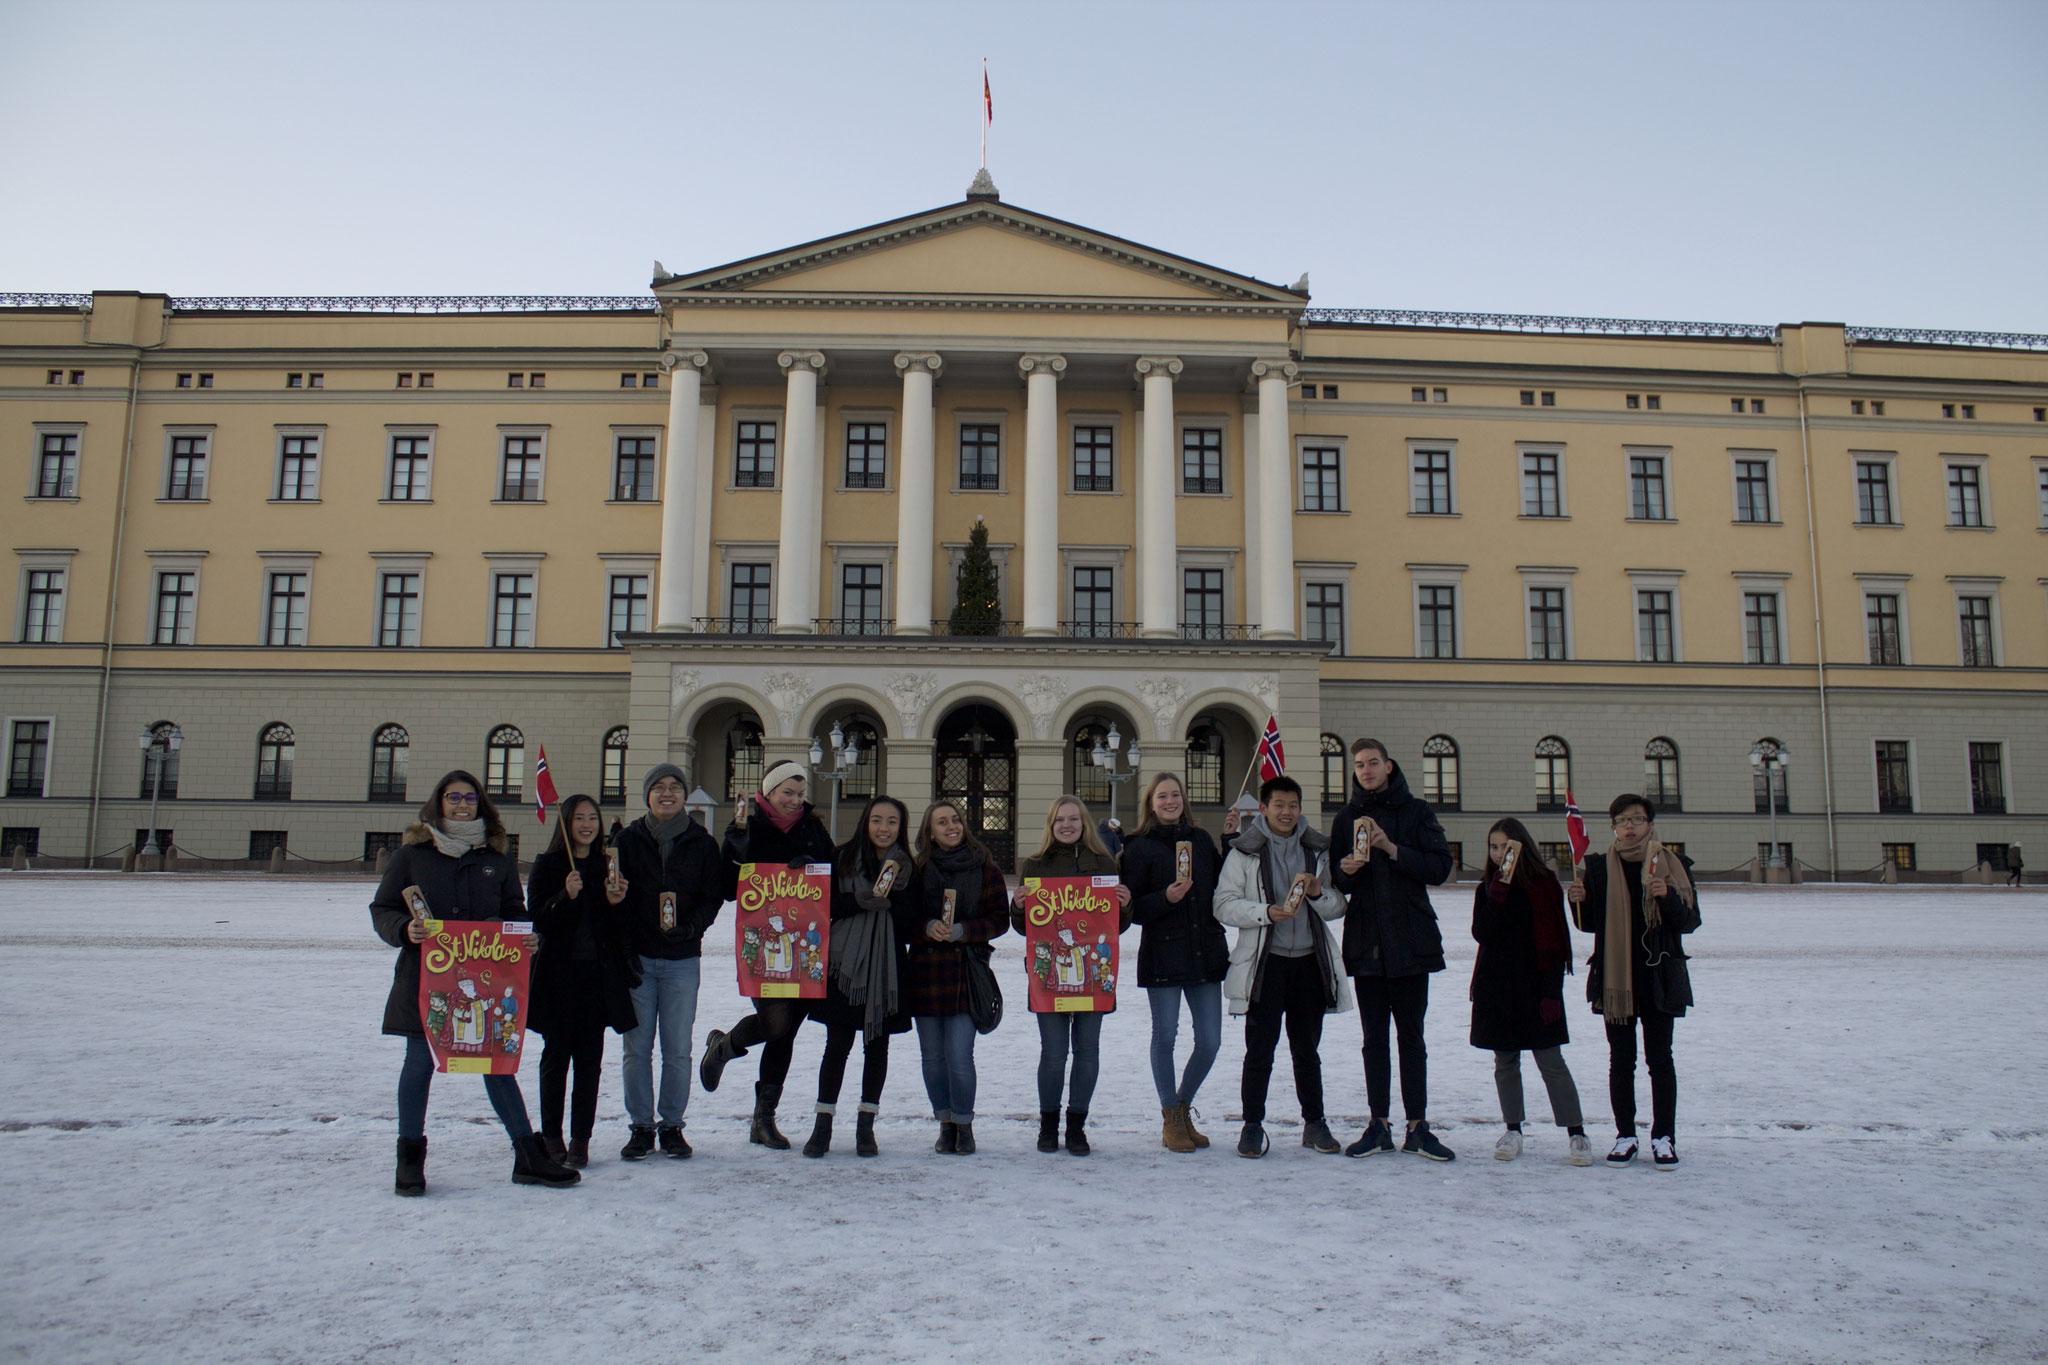 Charlotte Uhrig und Tabea Gerd-Witte mit norwegischen Jugendlichen vor dem Schloss in Oslo